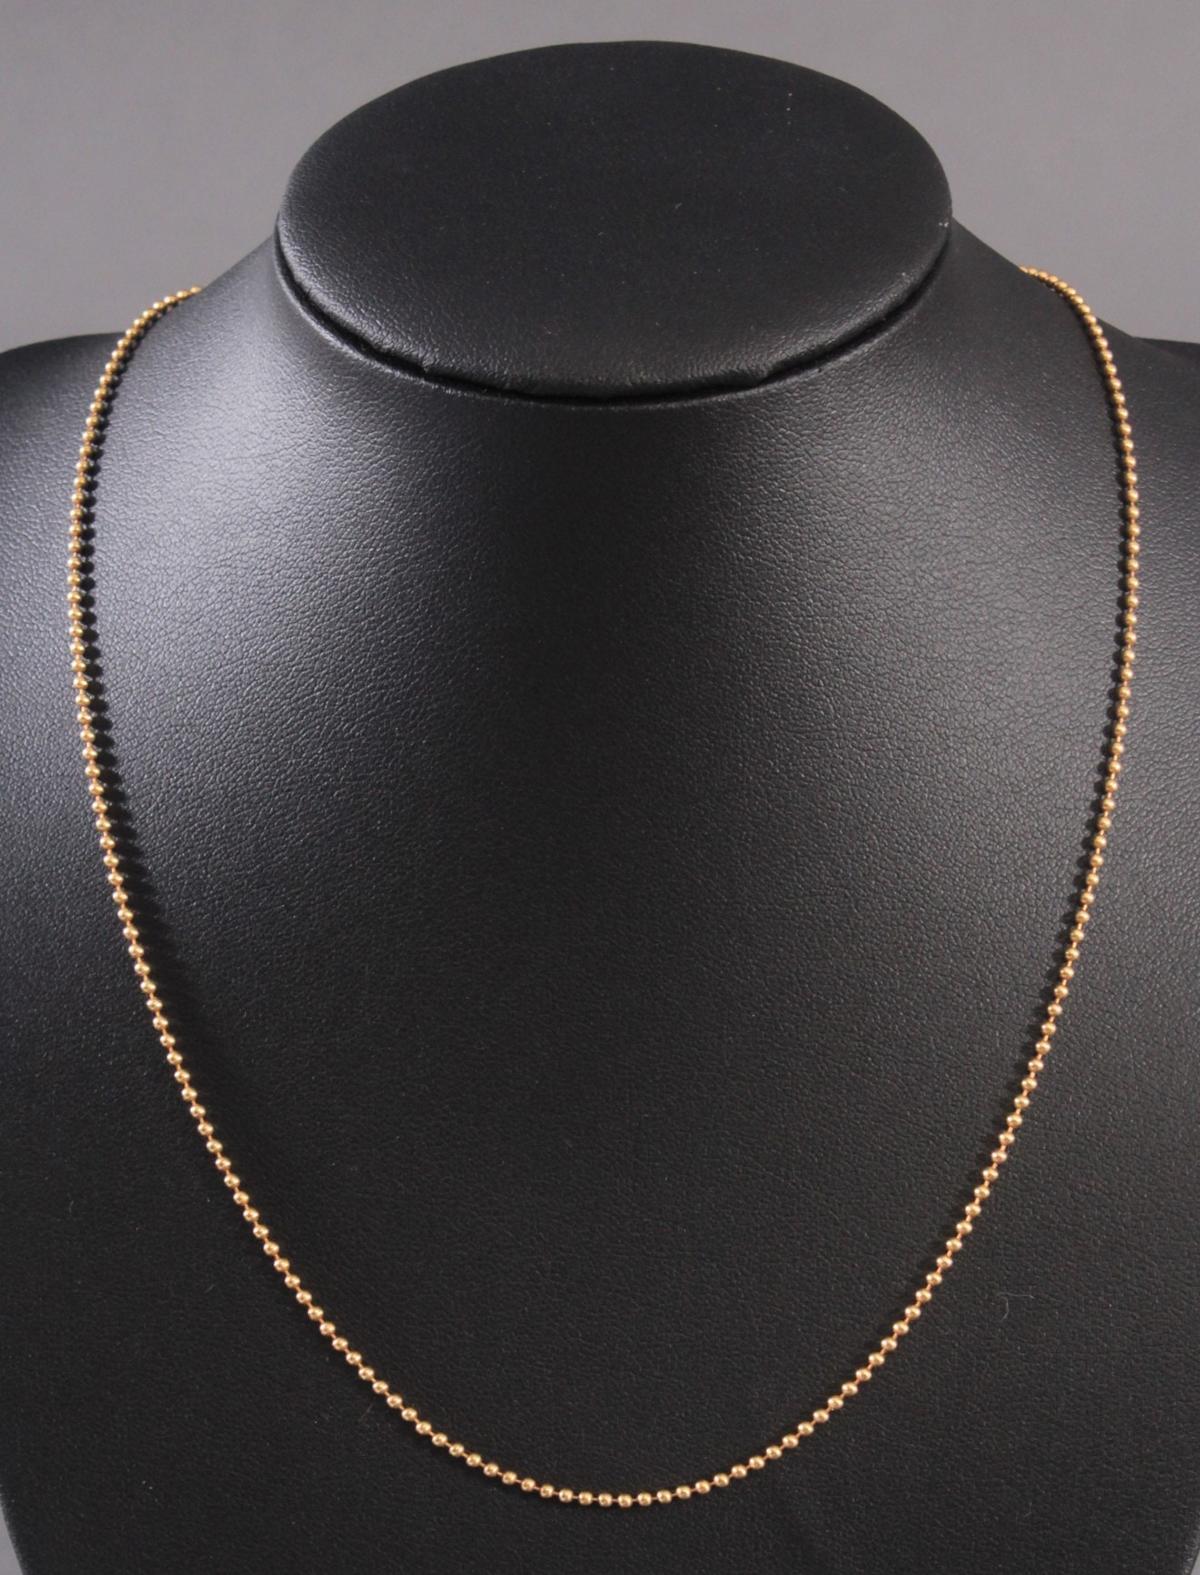 Halskette, 14 Karat Gelbgold